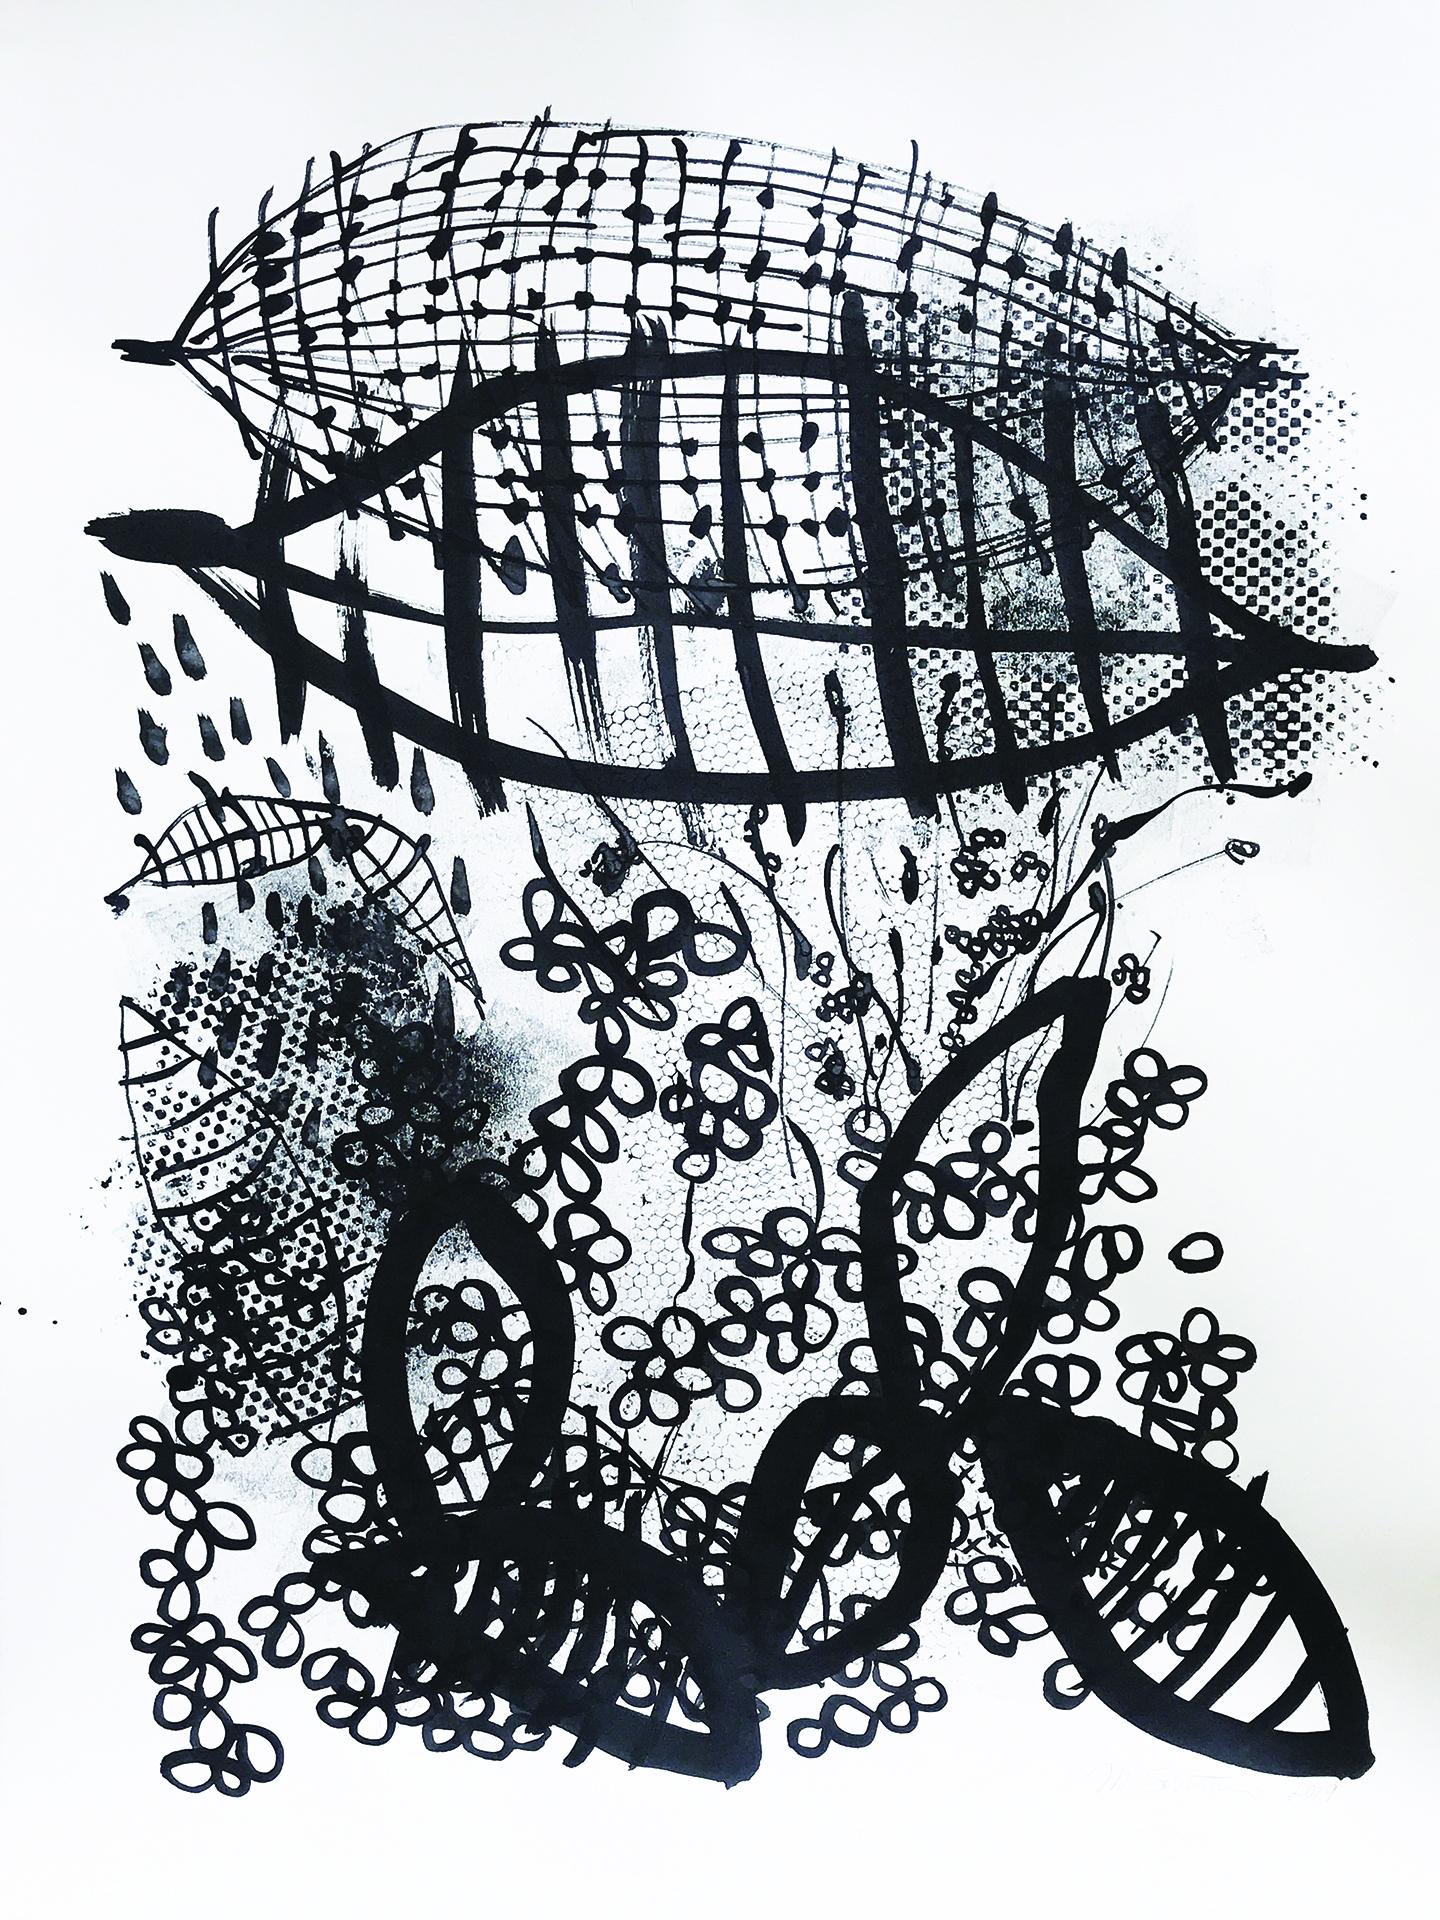 Untitled III by Michela Sorrentino